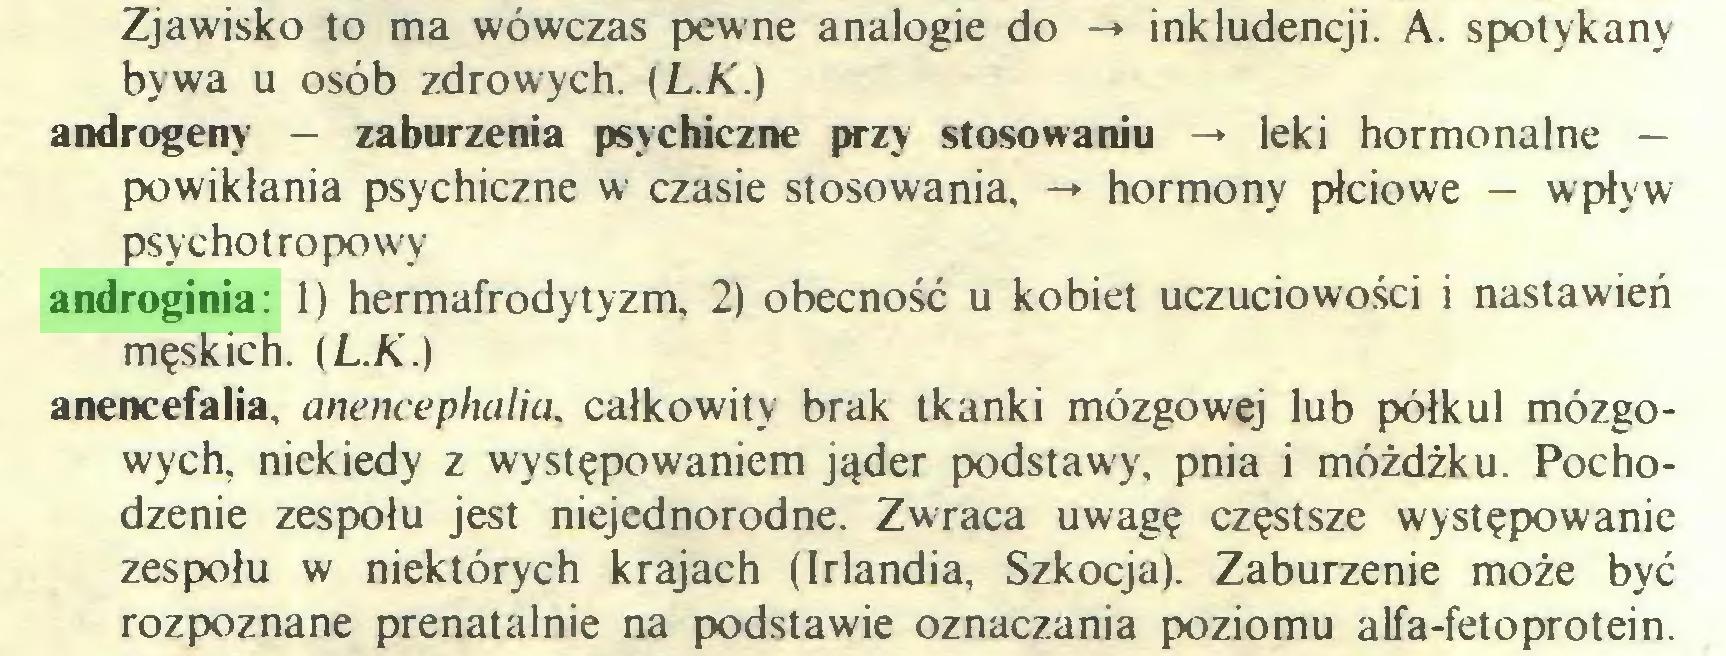 (...) Zjawisko to ma wówczas pewne analogie do -» inkludencji. A. spotykany bywa u osób zdrowych. [L.K.) androgeny — zaburzenia psychiczne przy stosowaniu -» leki hormonalne — powikłania psychiczne w czasie stosowania, -» hormony płciowe — wpływ psychotropowy androginia: 1) hermafrodytyzm, 2) obecność u kobiet uczuciowości i nastawień męskich. {L.K.) anencefalia. anencephalia. całkowity brak tkanki mózgowej lub półkul mózgowych, niekiedy z występowaniem jąder podstawy, pnia i móżdżku. Pochodzenie zespołu jest niejednorodne. Zwraca uwagę częstsze występowanie zespołu w niektórych krajach (Irlandia, Szkocja). Zaburzenie może być rozpoznane prenatalnie na podstawie oznaczania poziomu alfa-fetoprotein...